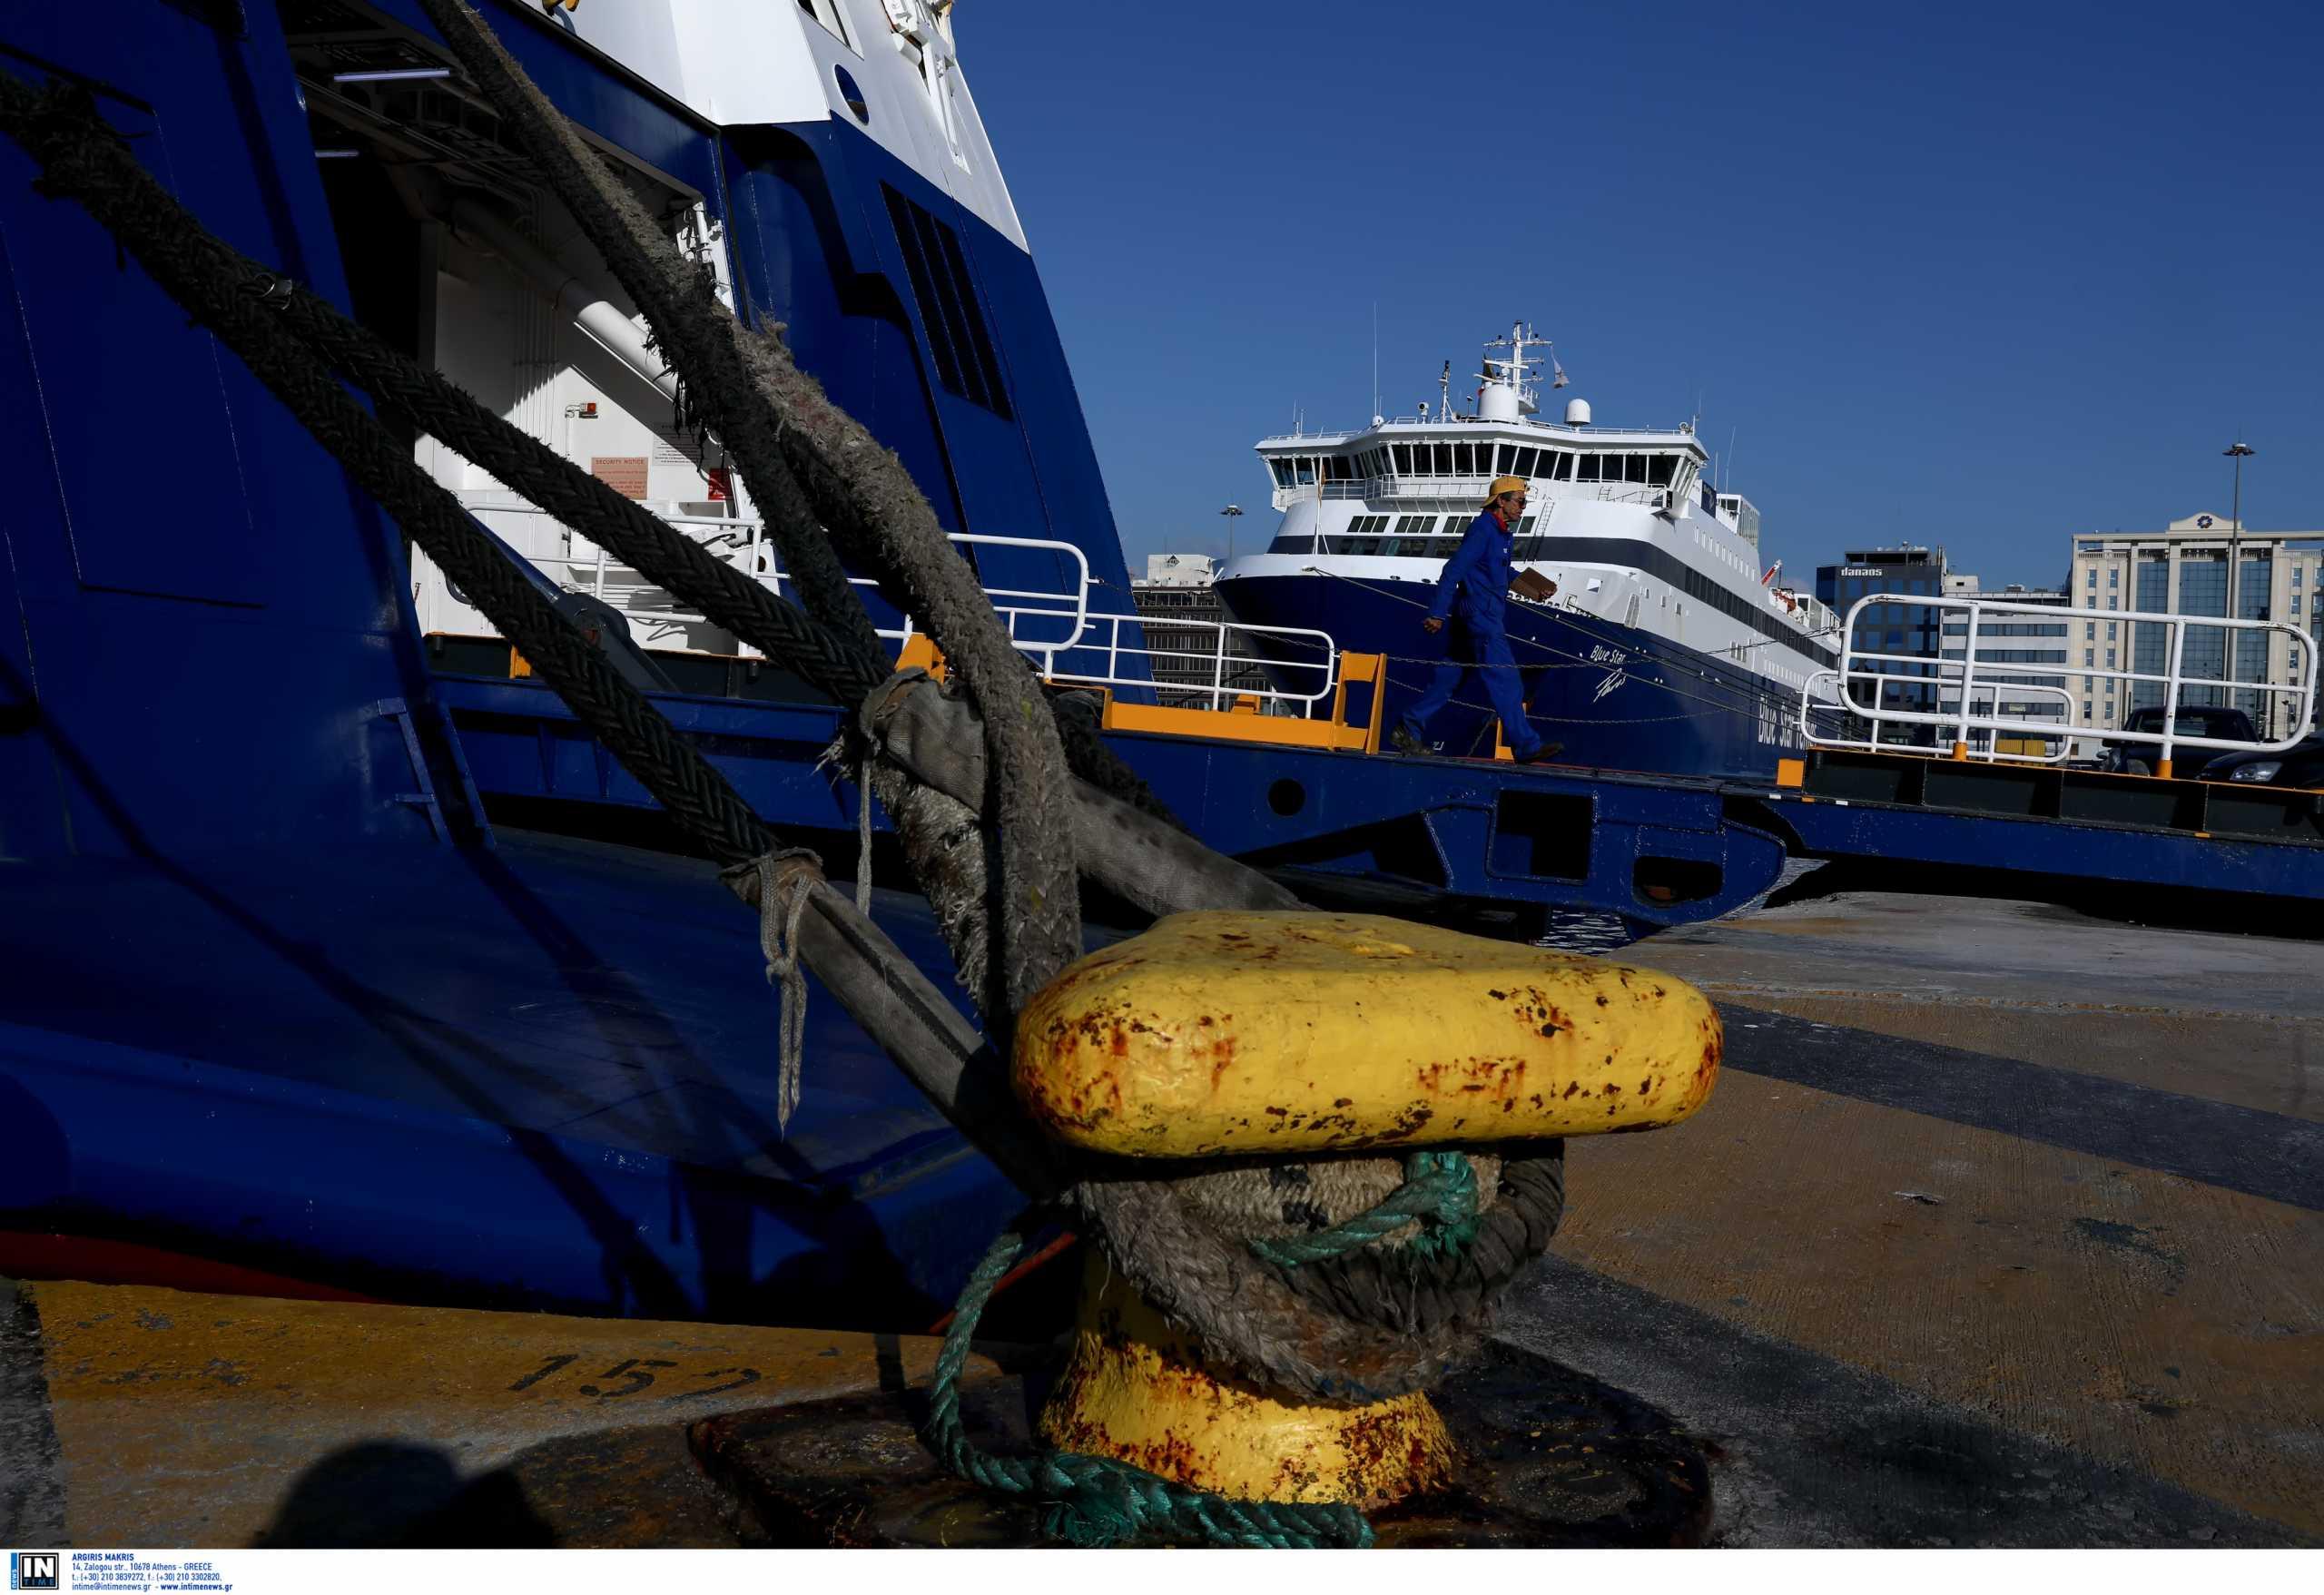 24ωρη απεργία στα πλοία κήρυξε για την Πέμπτη η ΠΕΝΕΝ – Στα δικαστήρια η ΣΕΕΝ για να κηρυχθεί παράνομη